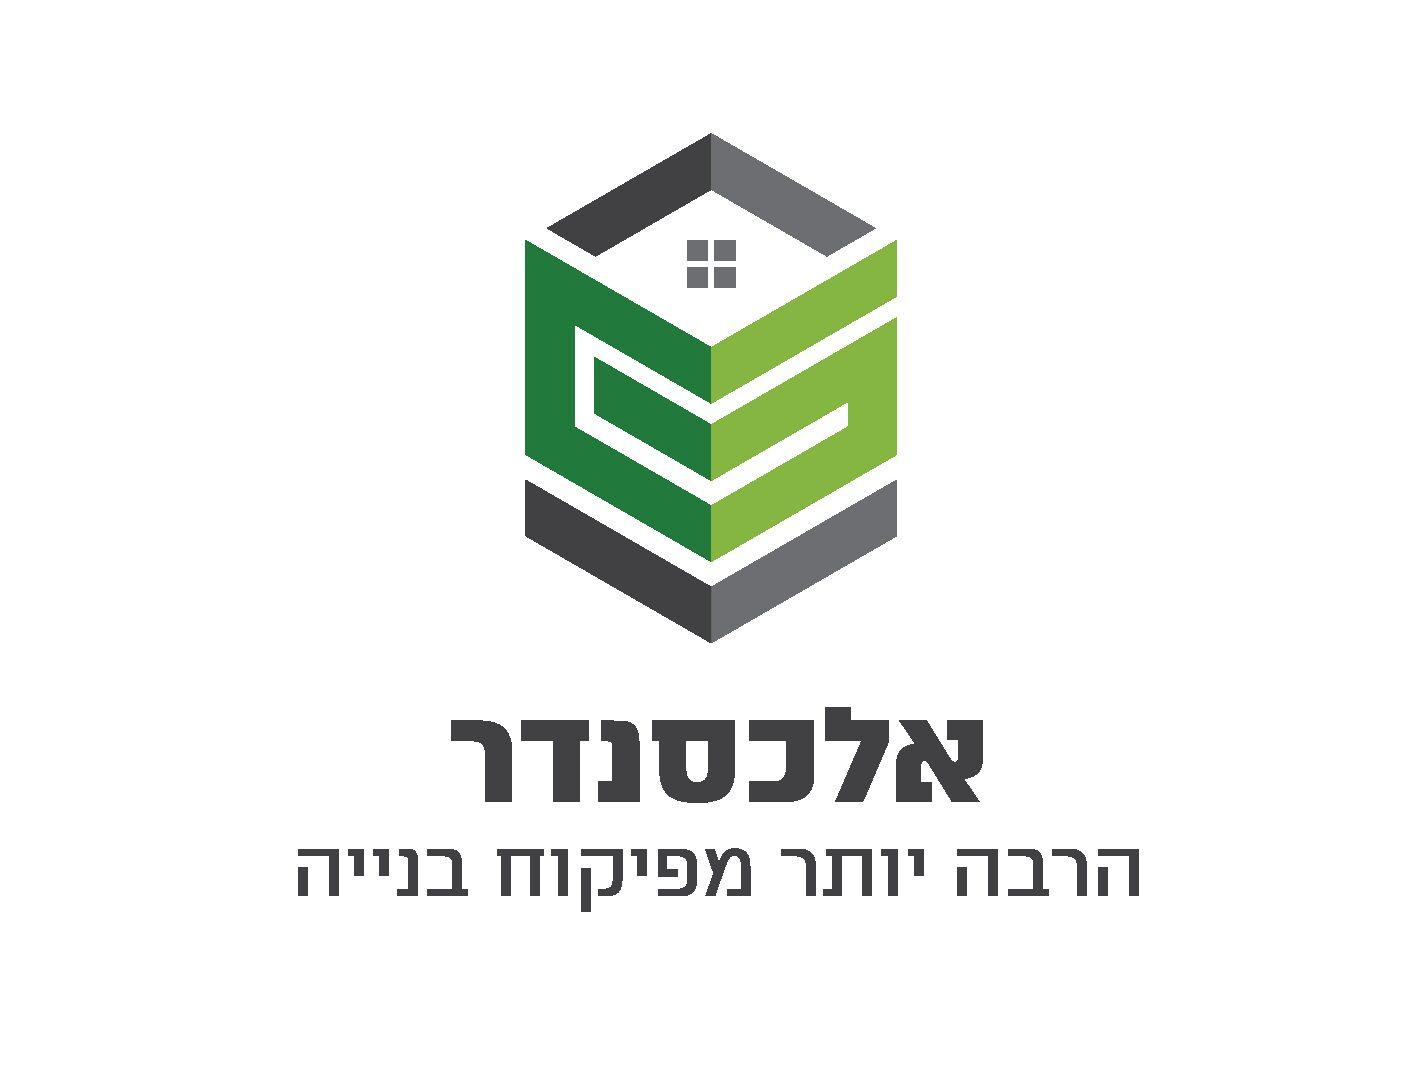 לוגו אלכסנדר